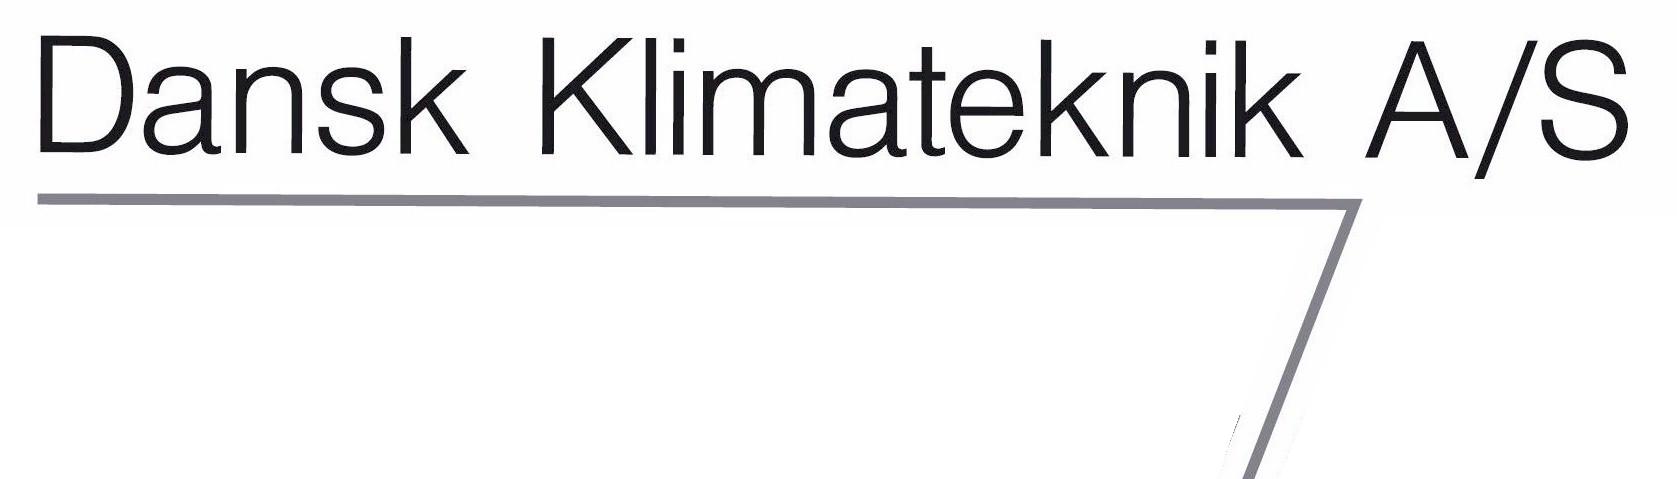 DKT-logo-1